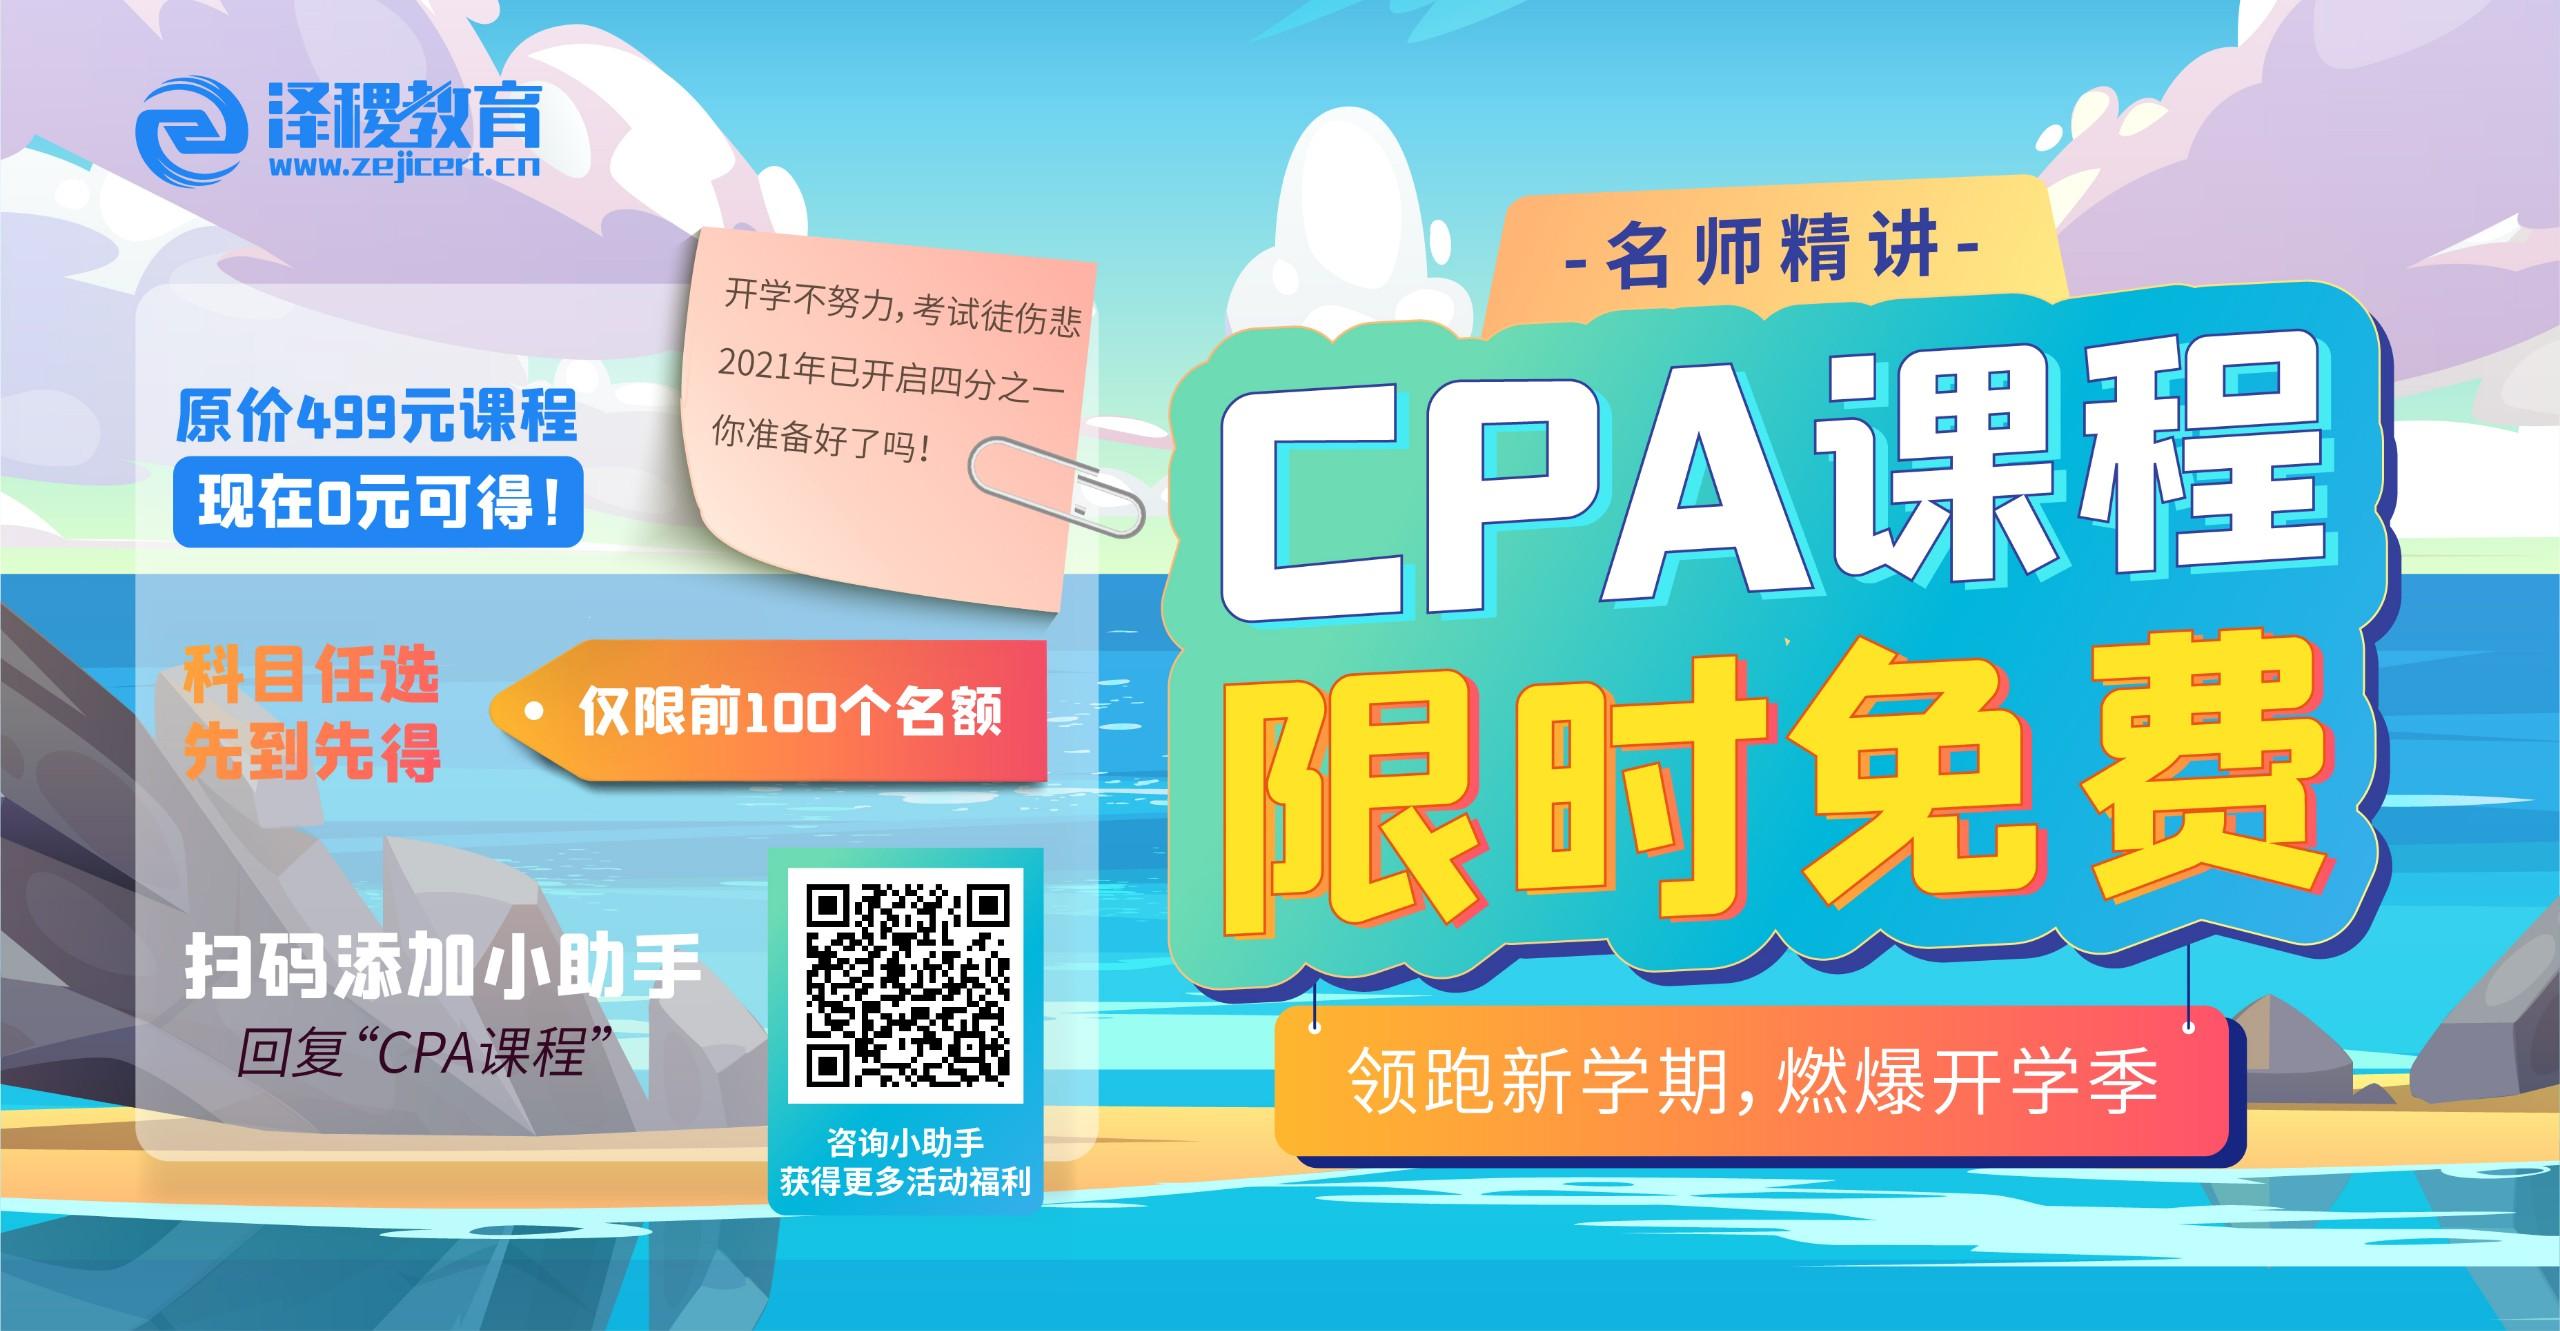 CPA零基础课程